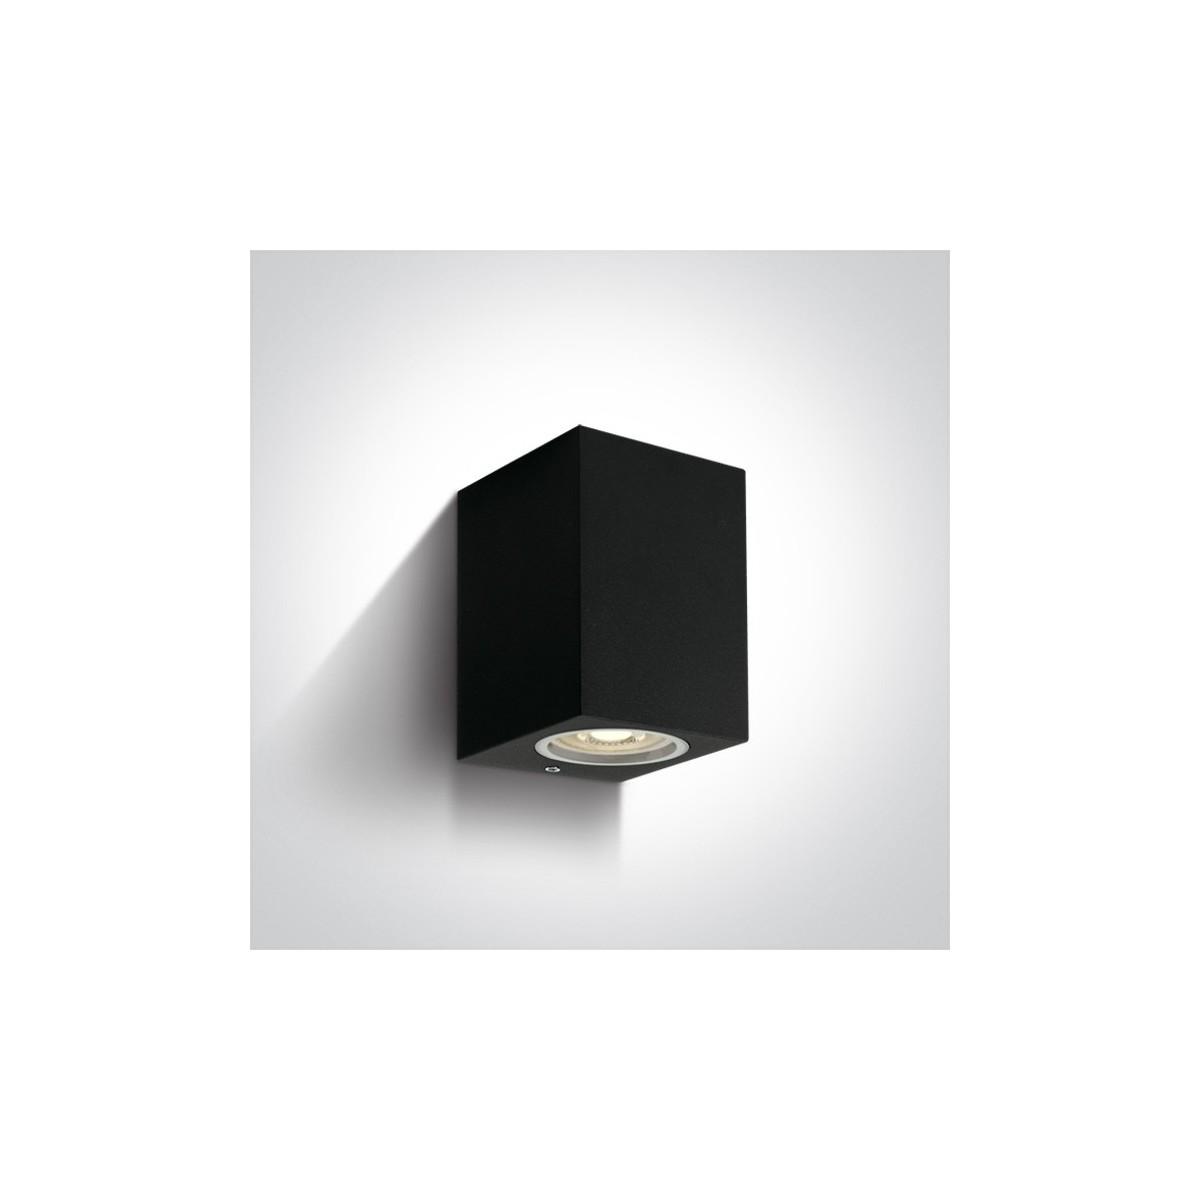 One Light kinkiet kostka czarny Arco 67426/B IP65